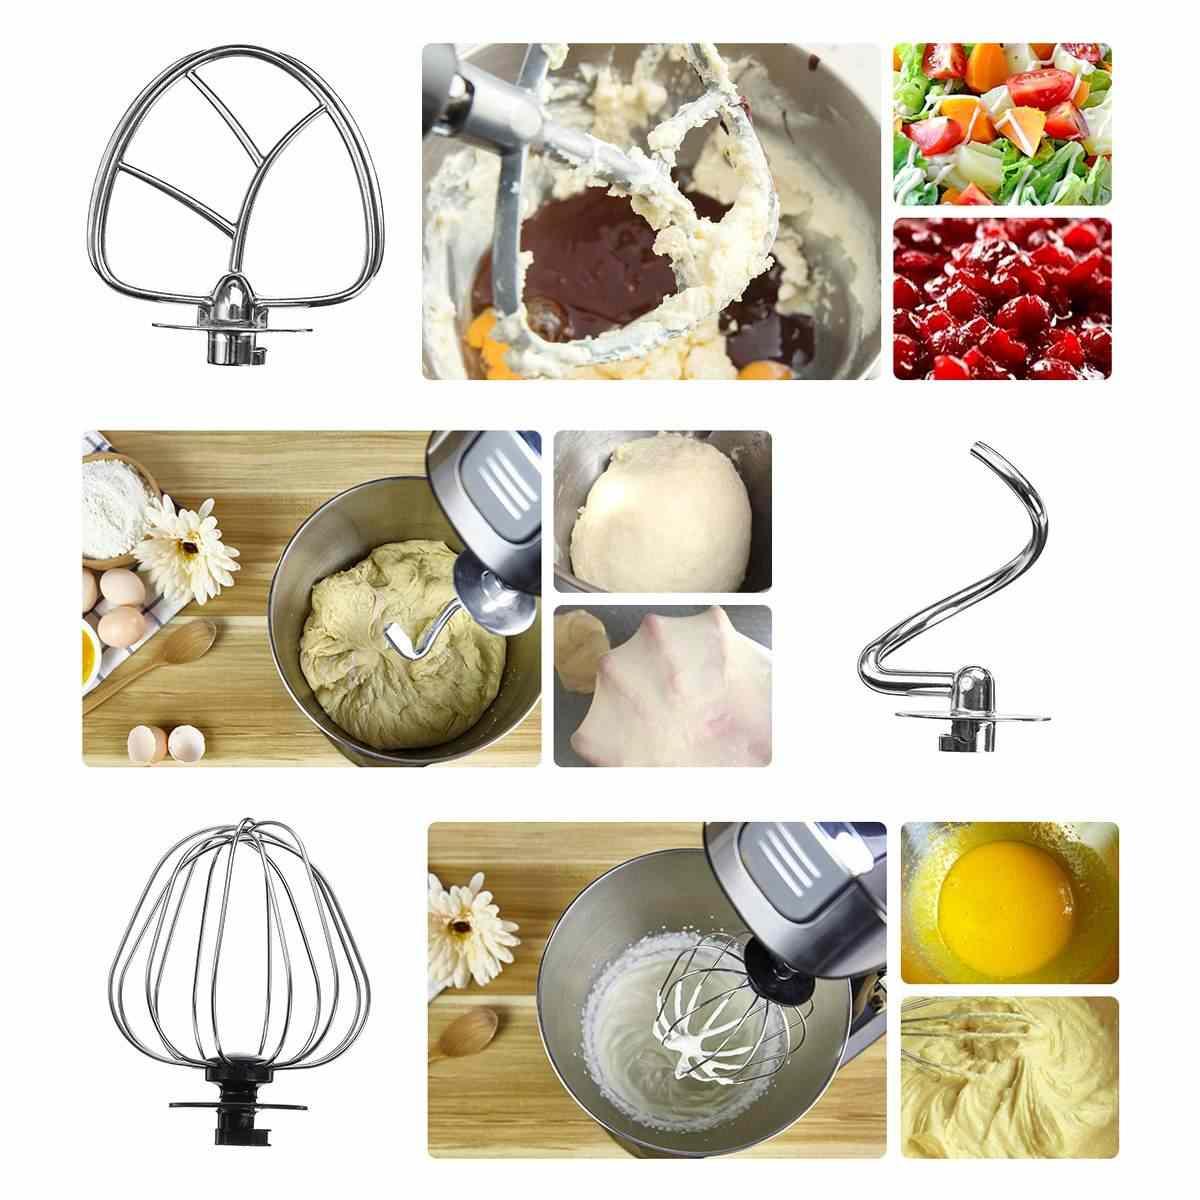 3-em-1 Stand Mixer 6 Velocidade Food-Misturador Liquidificador Elétrico Multifuncional 1000 W Moedor De Carne de Alimentos processador de Cozinha Cozinhar Ferramentas